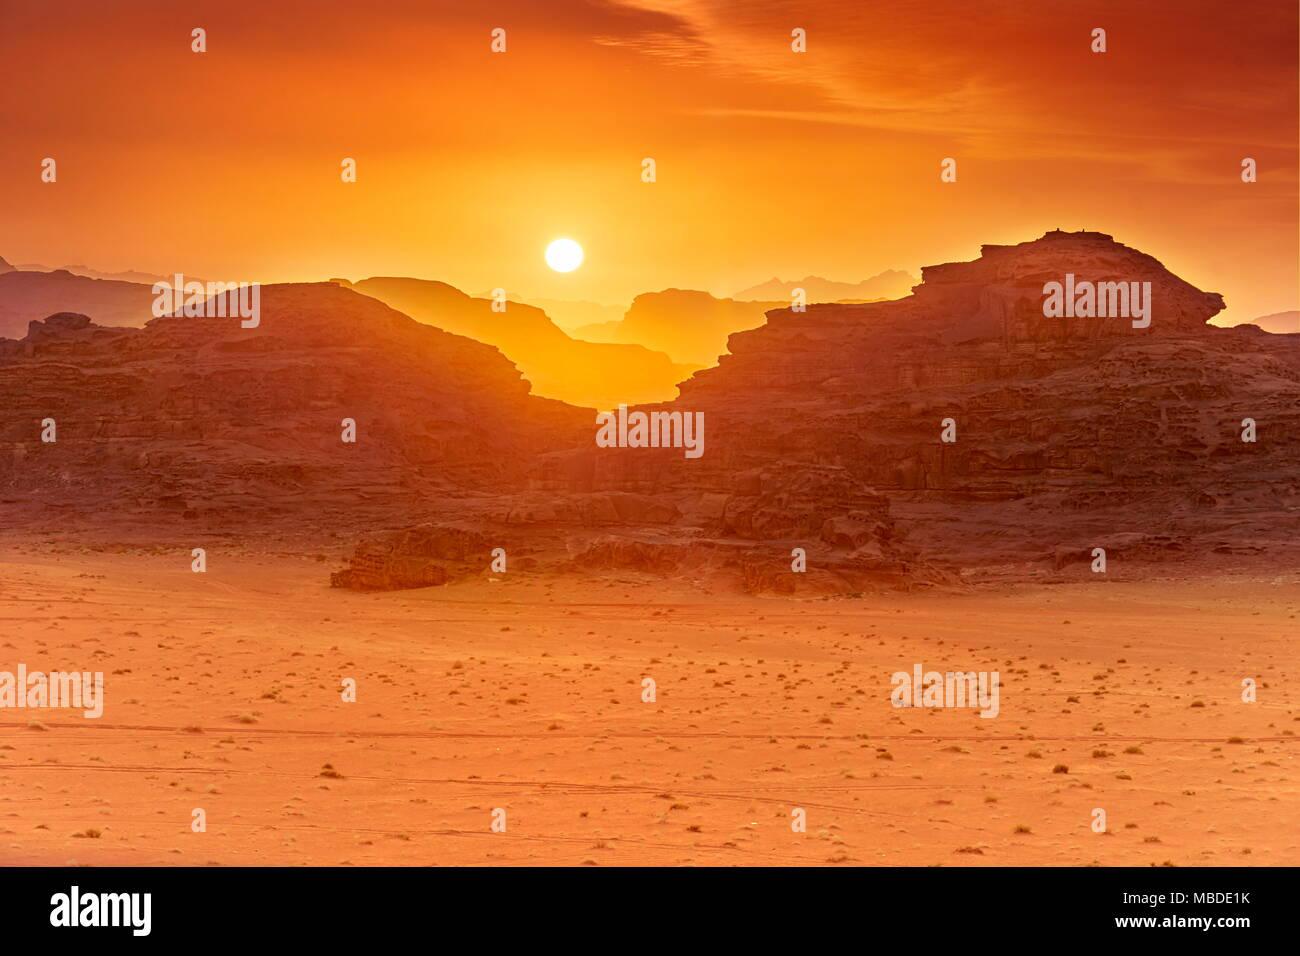 Le désert de Wadi Rum, Jordanie, au coucher du soleil Photo Stock